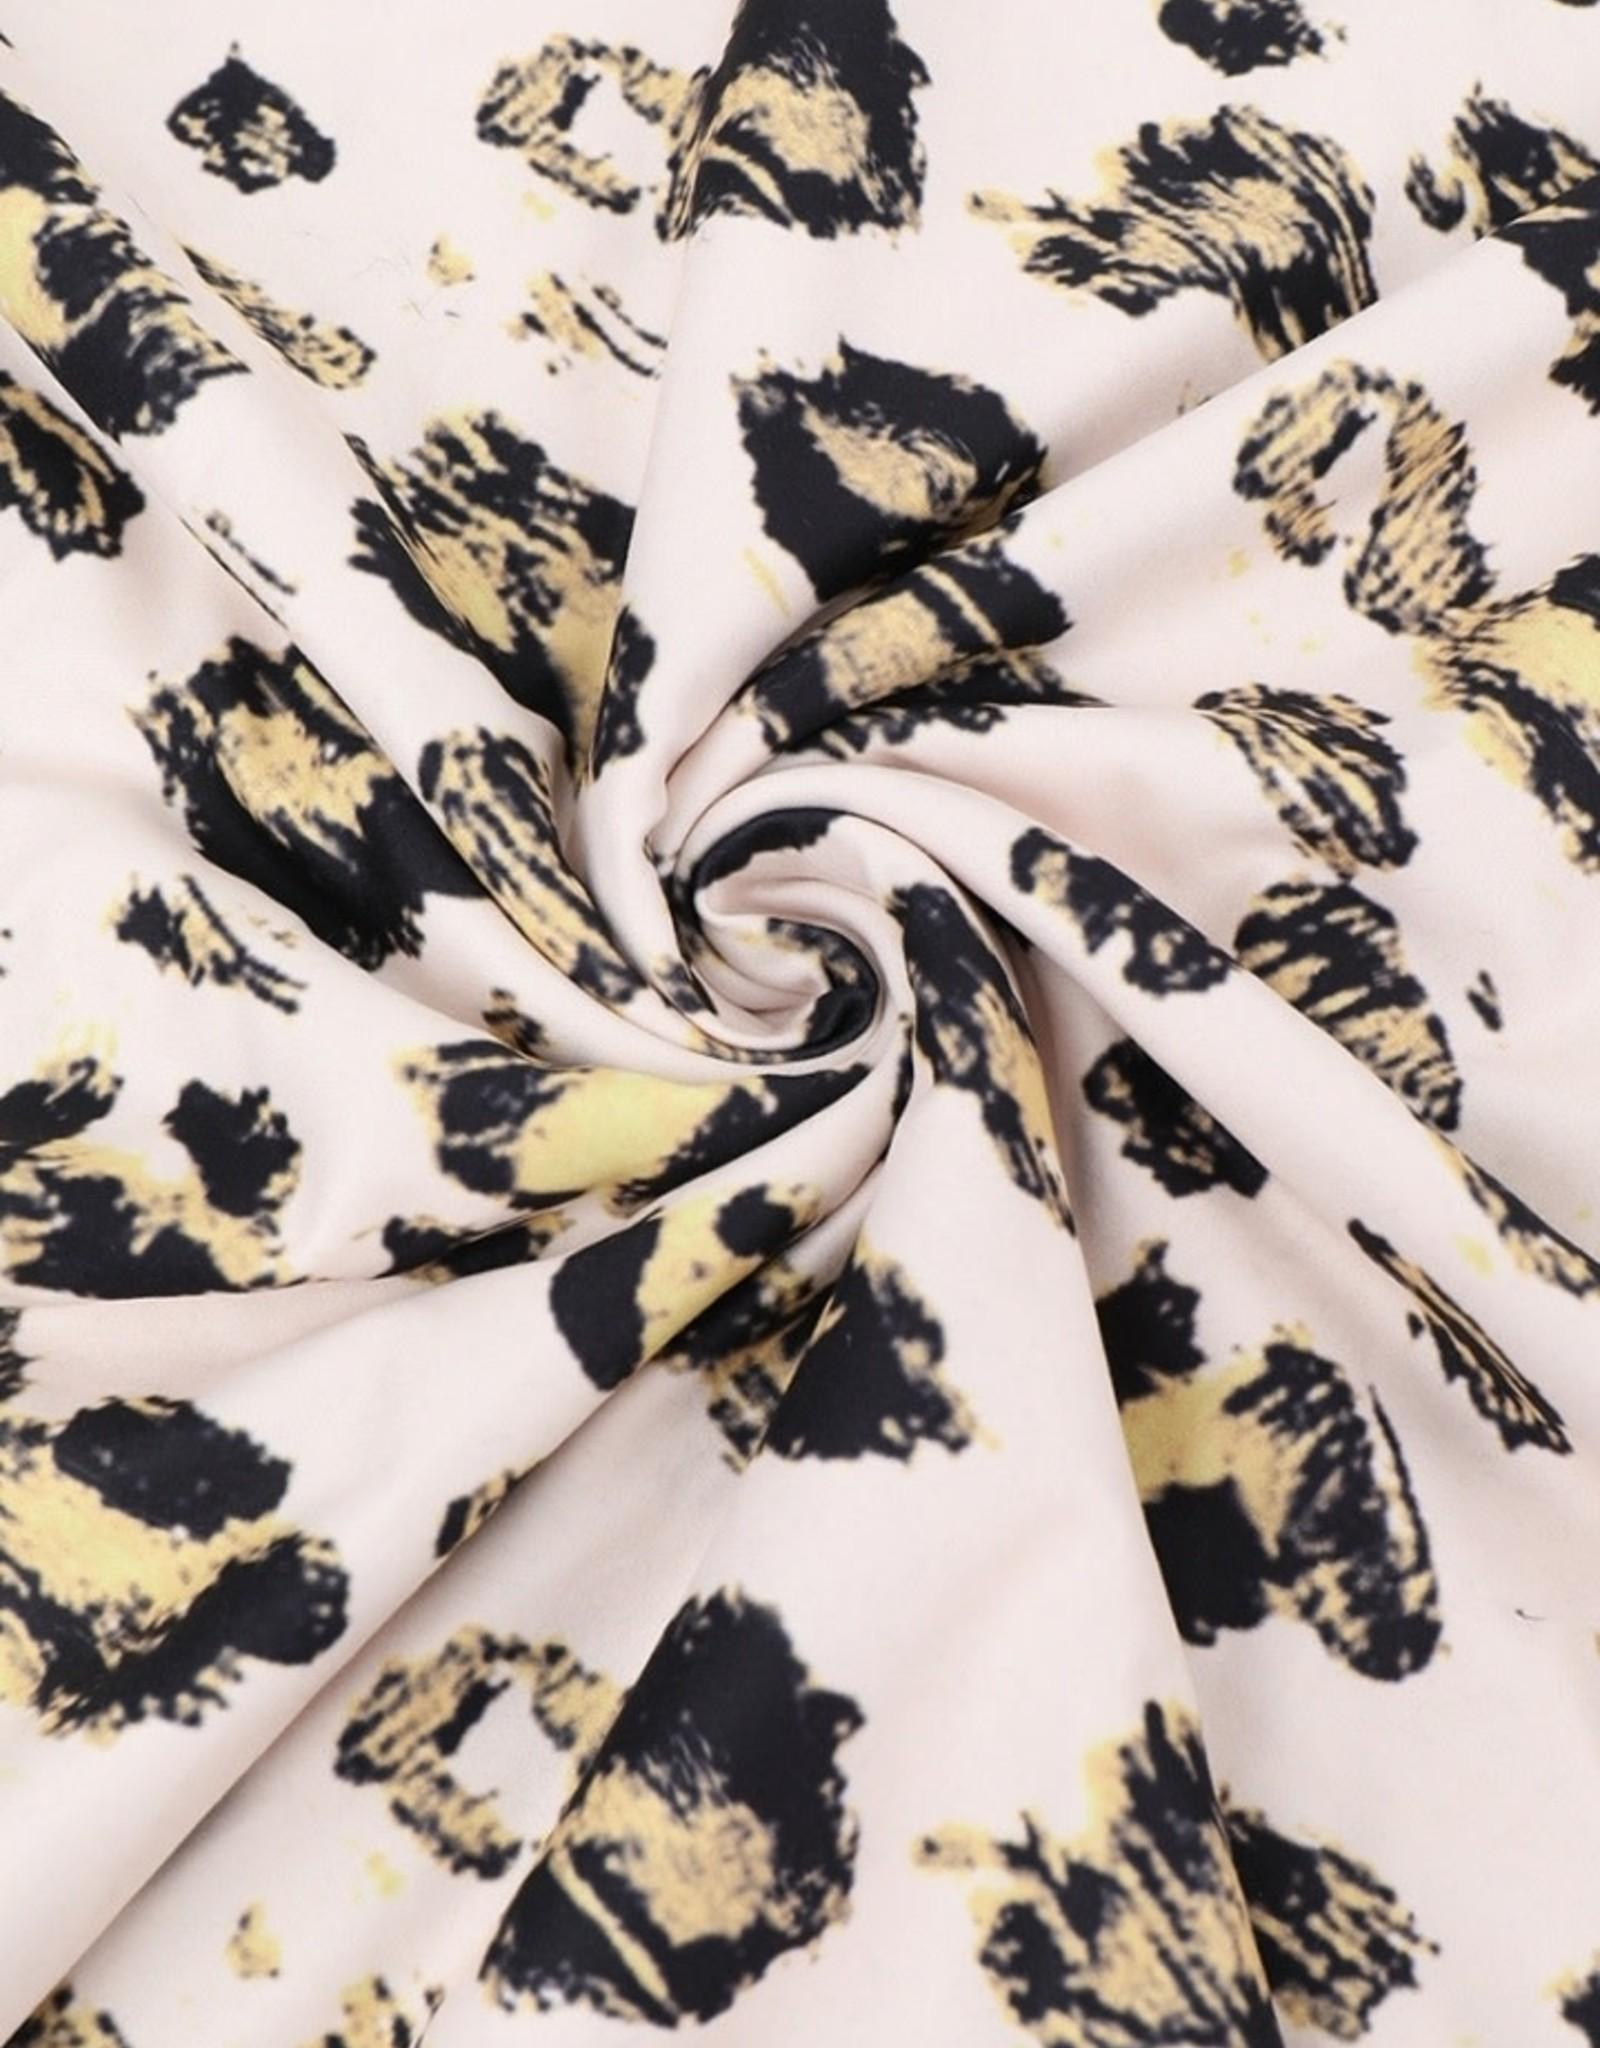 Leopard Minky Blanket (32x32)